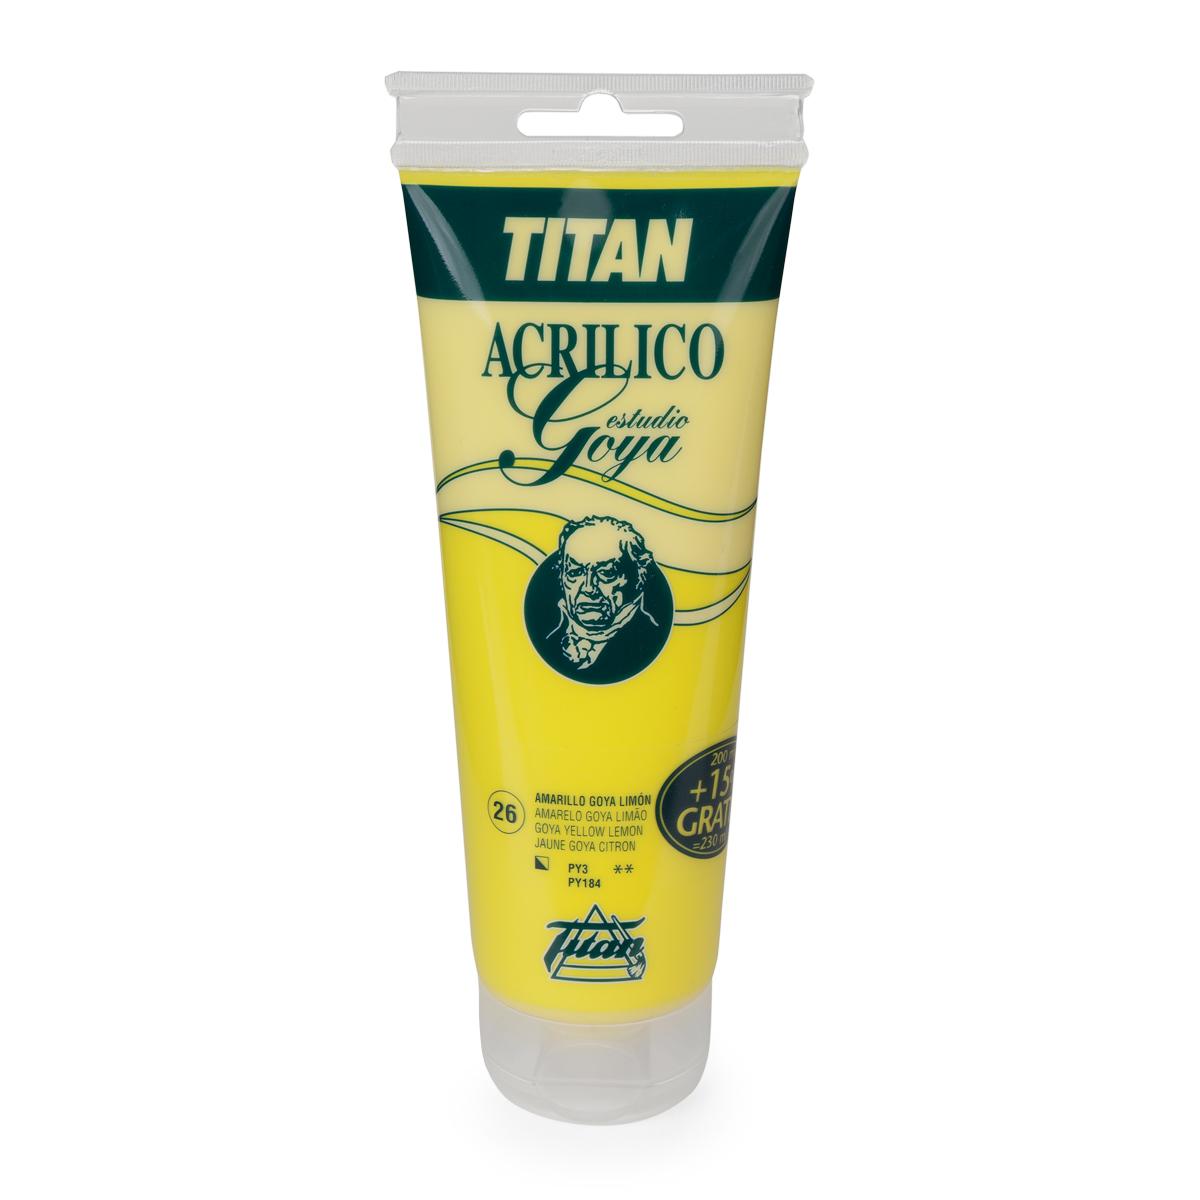 ACRILICO GOYA TITAN 200 ML...